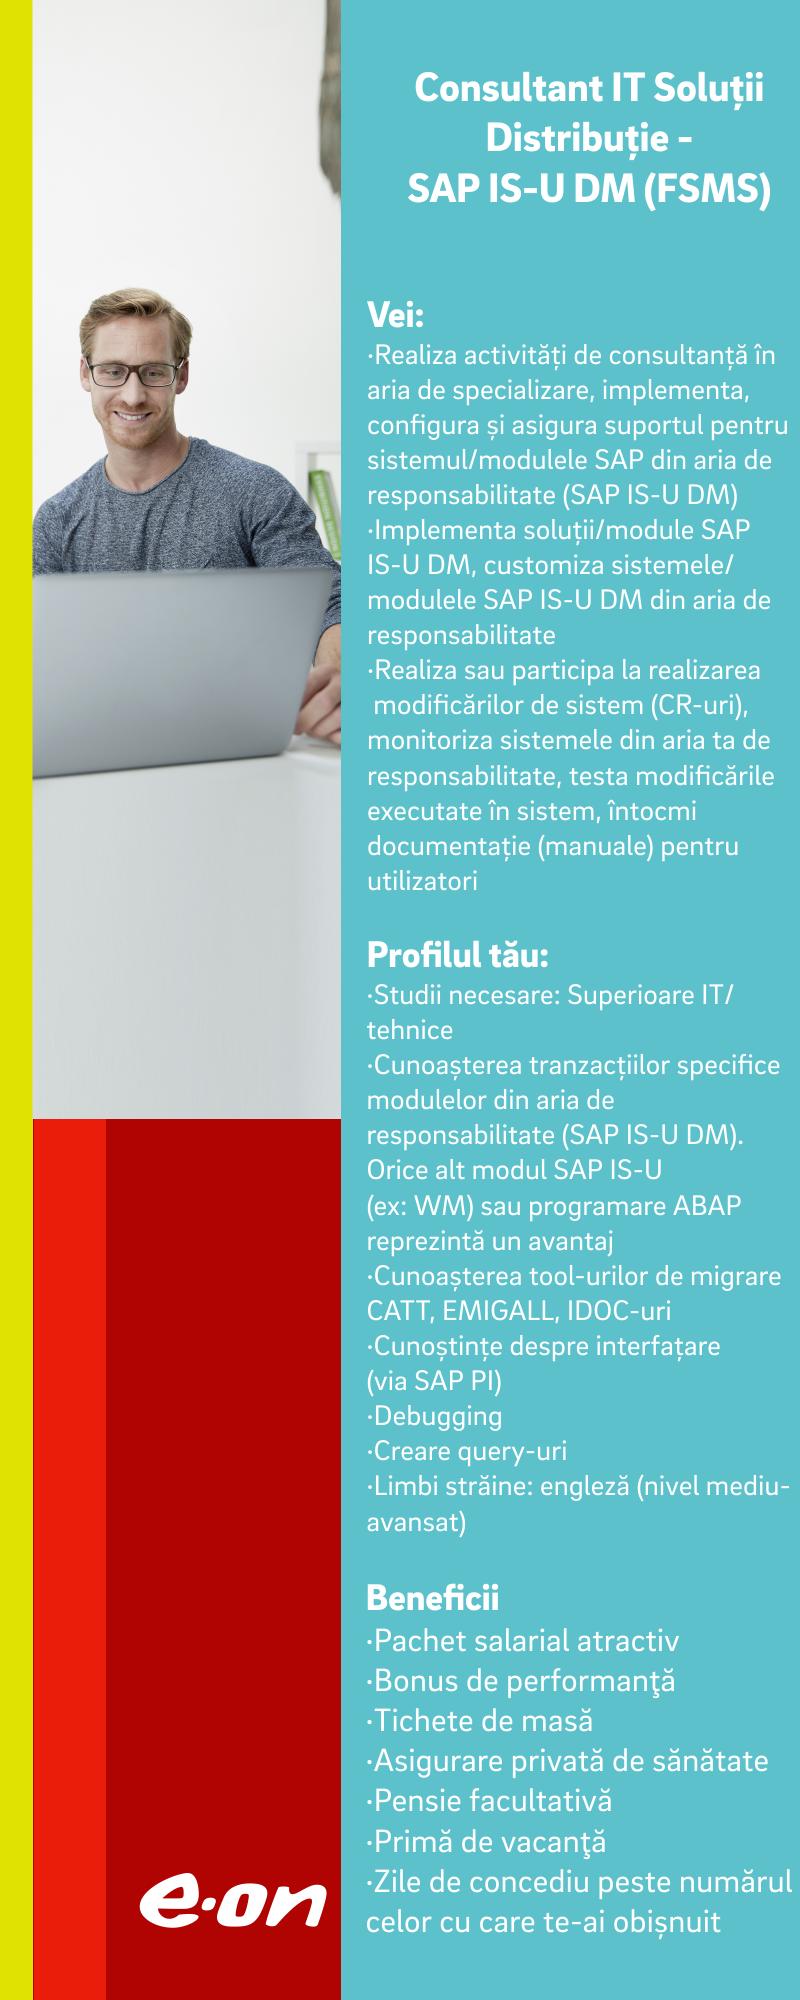 Ce vei face  Realizezi activităţi de consultanţă în aria de specializare, implementezi, configurezi şi asiguri suportul pentru sistemul/modulele SAP din aria de responsabilitate (SAP IS-U DM); Implementezi soluţii/module SAP IS-U DM, customizezi sistemele/modulele SAP IS-U DM din aria de responsabilitate; Realizezi sau participi la realizarea modificărilor de sistem (CR-uri), monitorizezi sistemele din aria ta de responsabilitate, testezi modificările executate în sistem, întocmeşti documentaţie (manuale) pentru utilizatori Profilul tău  Studii: SuperioareIT/tehnice  Limbi straine: engleza (nivel mediu-avansat)  Cerinţe IT şi tehnice:     Cunoaşterea tranzacţiilor specifice modulelor din aria de responsabilitate (SAP IS-U DM). Orice alt modul SAP IS-U cunoscut reprezintă un avantaj Cunoaşterea structurii de tabele SAP Folosirea tool-urilor de migrare CATT, EMIGALL Cunoştinţe IDOC-uri Cunoştinţe despre interfaţare (via SAP PI) Folosirea tranzacţiilor de monitorizare sistem Debugging Utilizare user exit-uri Creare query-uri Programare job-uri Programare ABAP - avantaj  Experienţă practică necesară:  minim 3 ani de experienţă în sisteme specifice, pe aria de specializare SAP IS-U DM  Dovada a minim 4 contribuţii personale în proiecte/dezvoltări complexe SAP IS-U DM Ce îţi oferim  Pachet salarial atractiv; Bonus de performanţă; Tichete de masă; Asigurare privată de sănătate; Pensie facultativă; Primă de vacanţă.